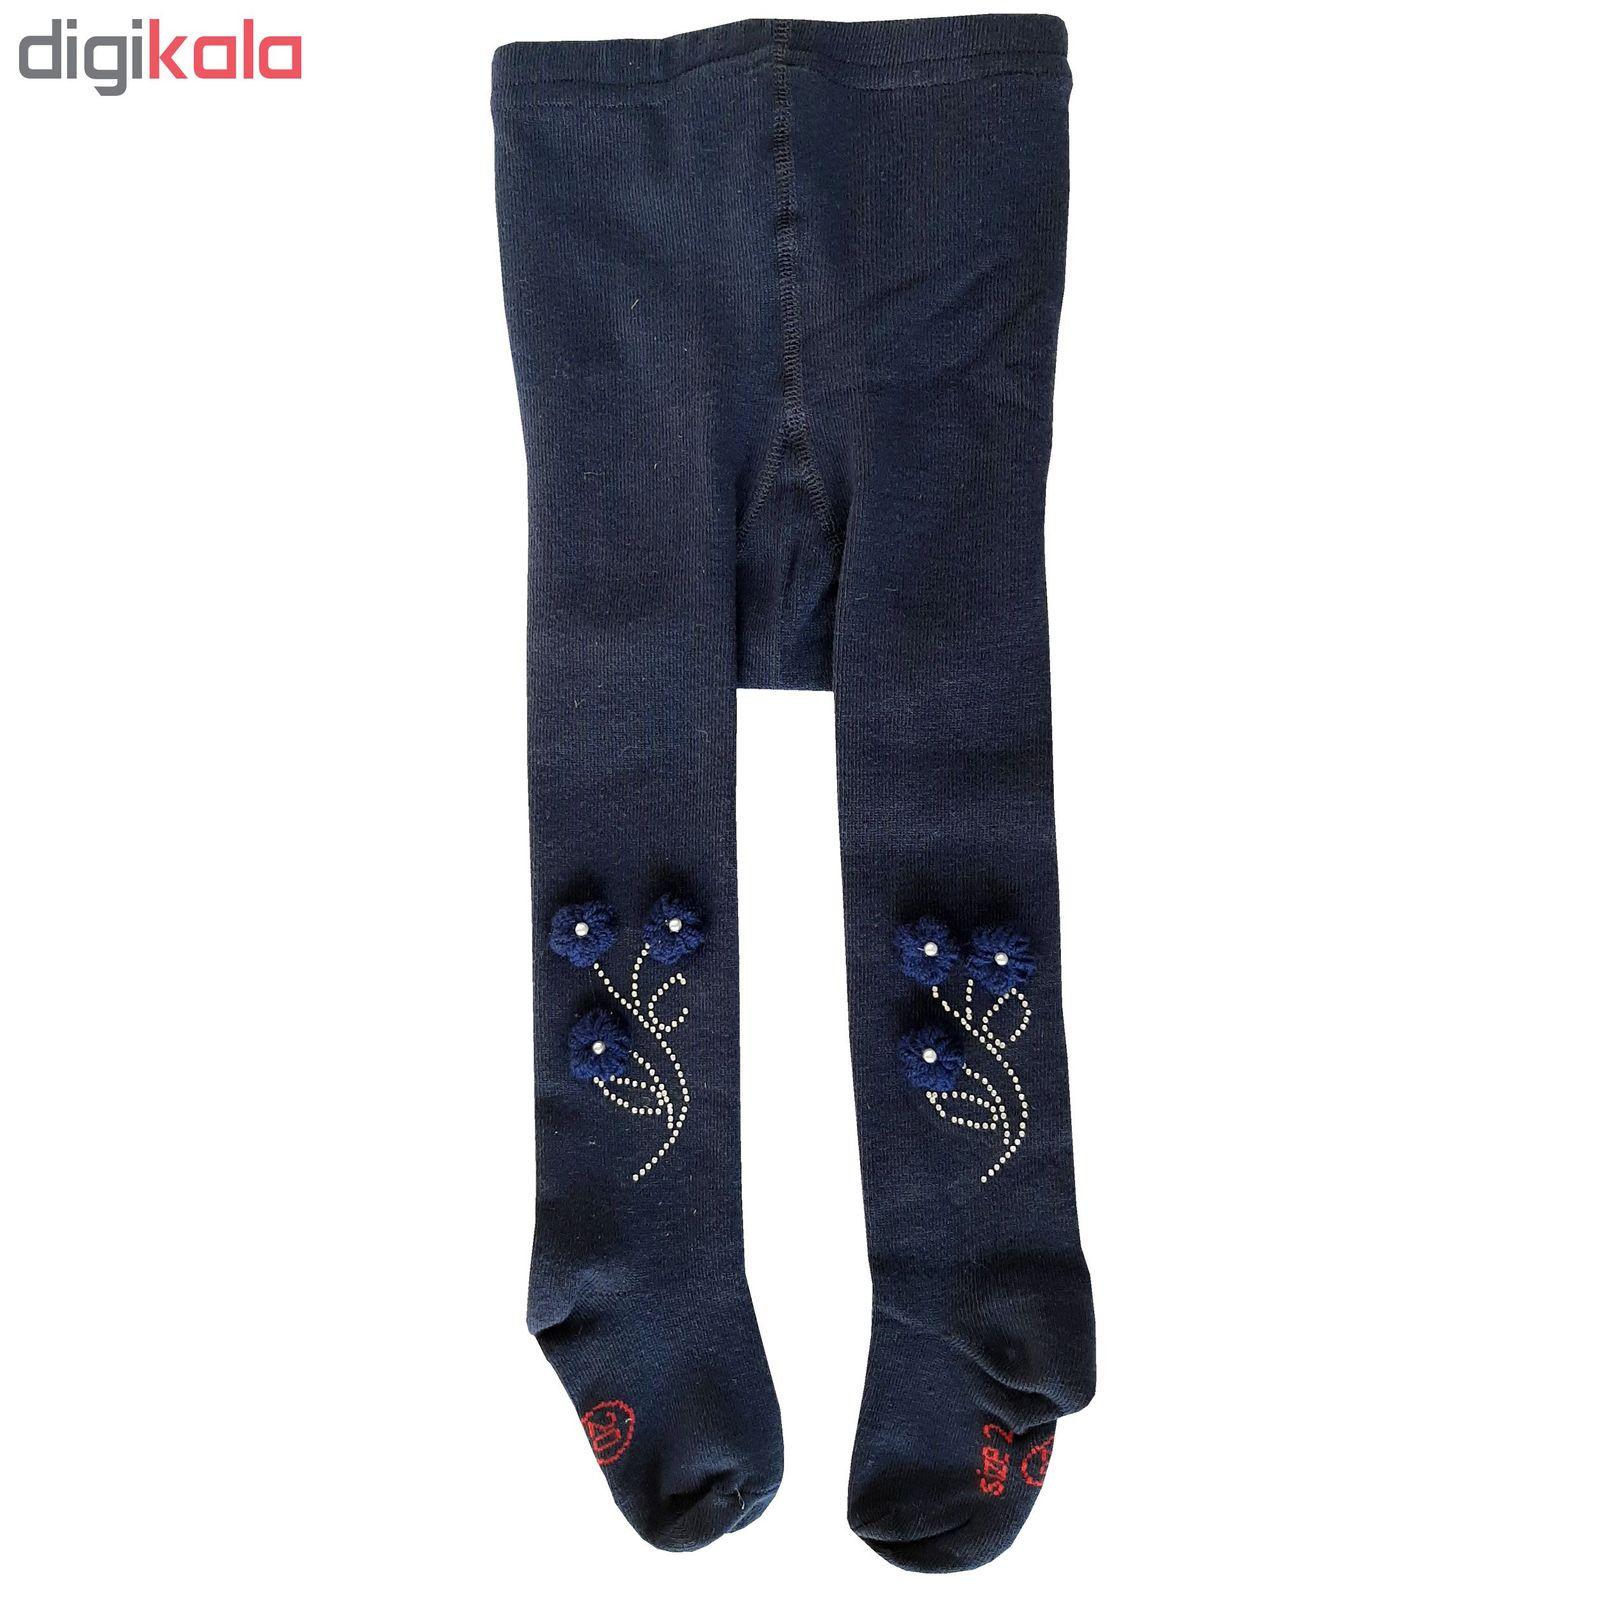 جوراب شلواری دخترانه کد 2200 رنگ سورمه ای main 1 1